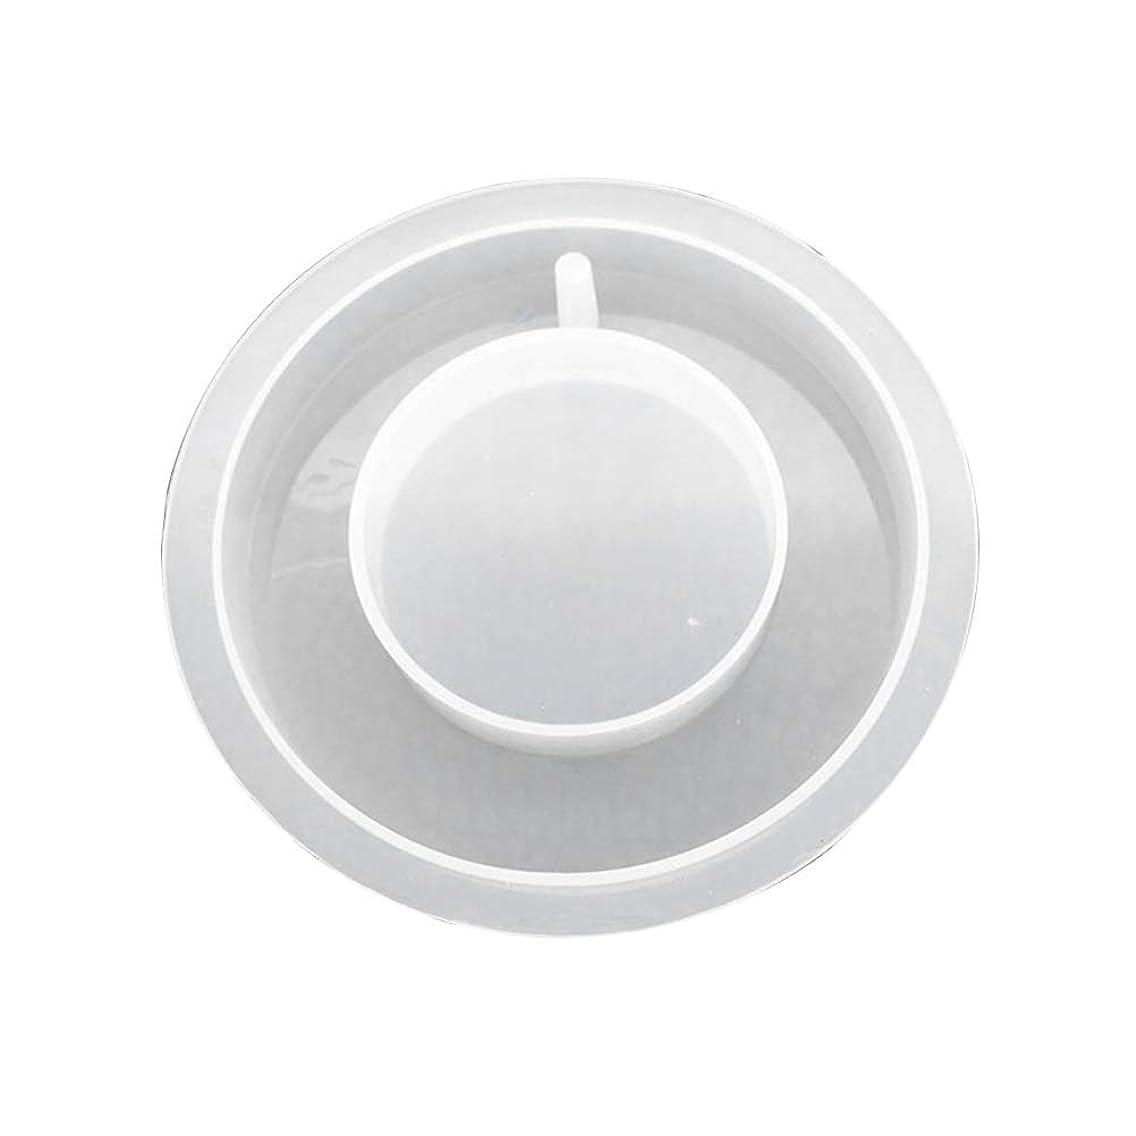 アラスカ処方立法SUPVOX 樹脂シリコーンリング形状ペンダントクリスタルエポキシ金型でぶら下げ穴石鹸キャンドル用diyギフトジュエリーネックレスペンダント作り